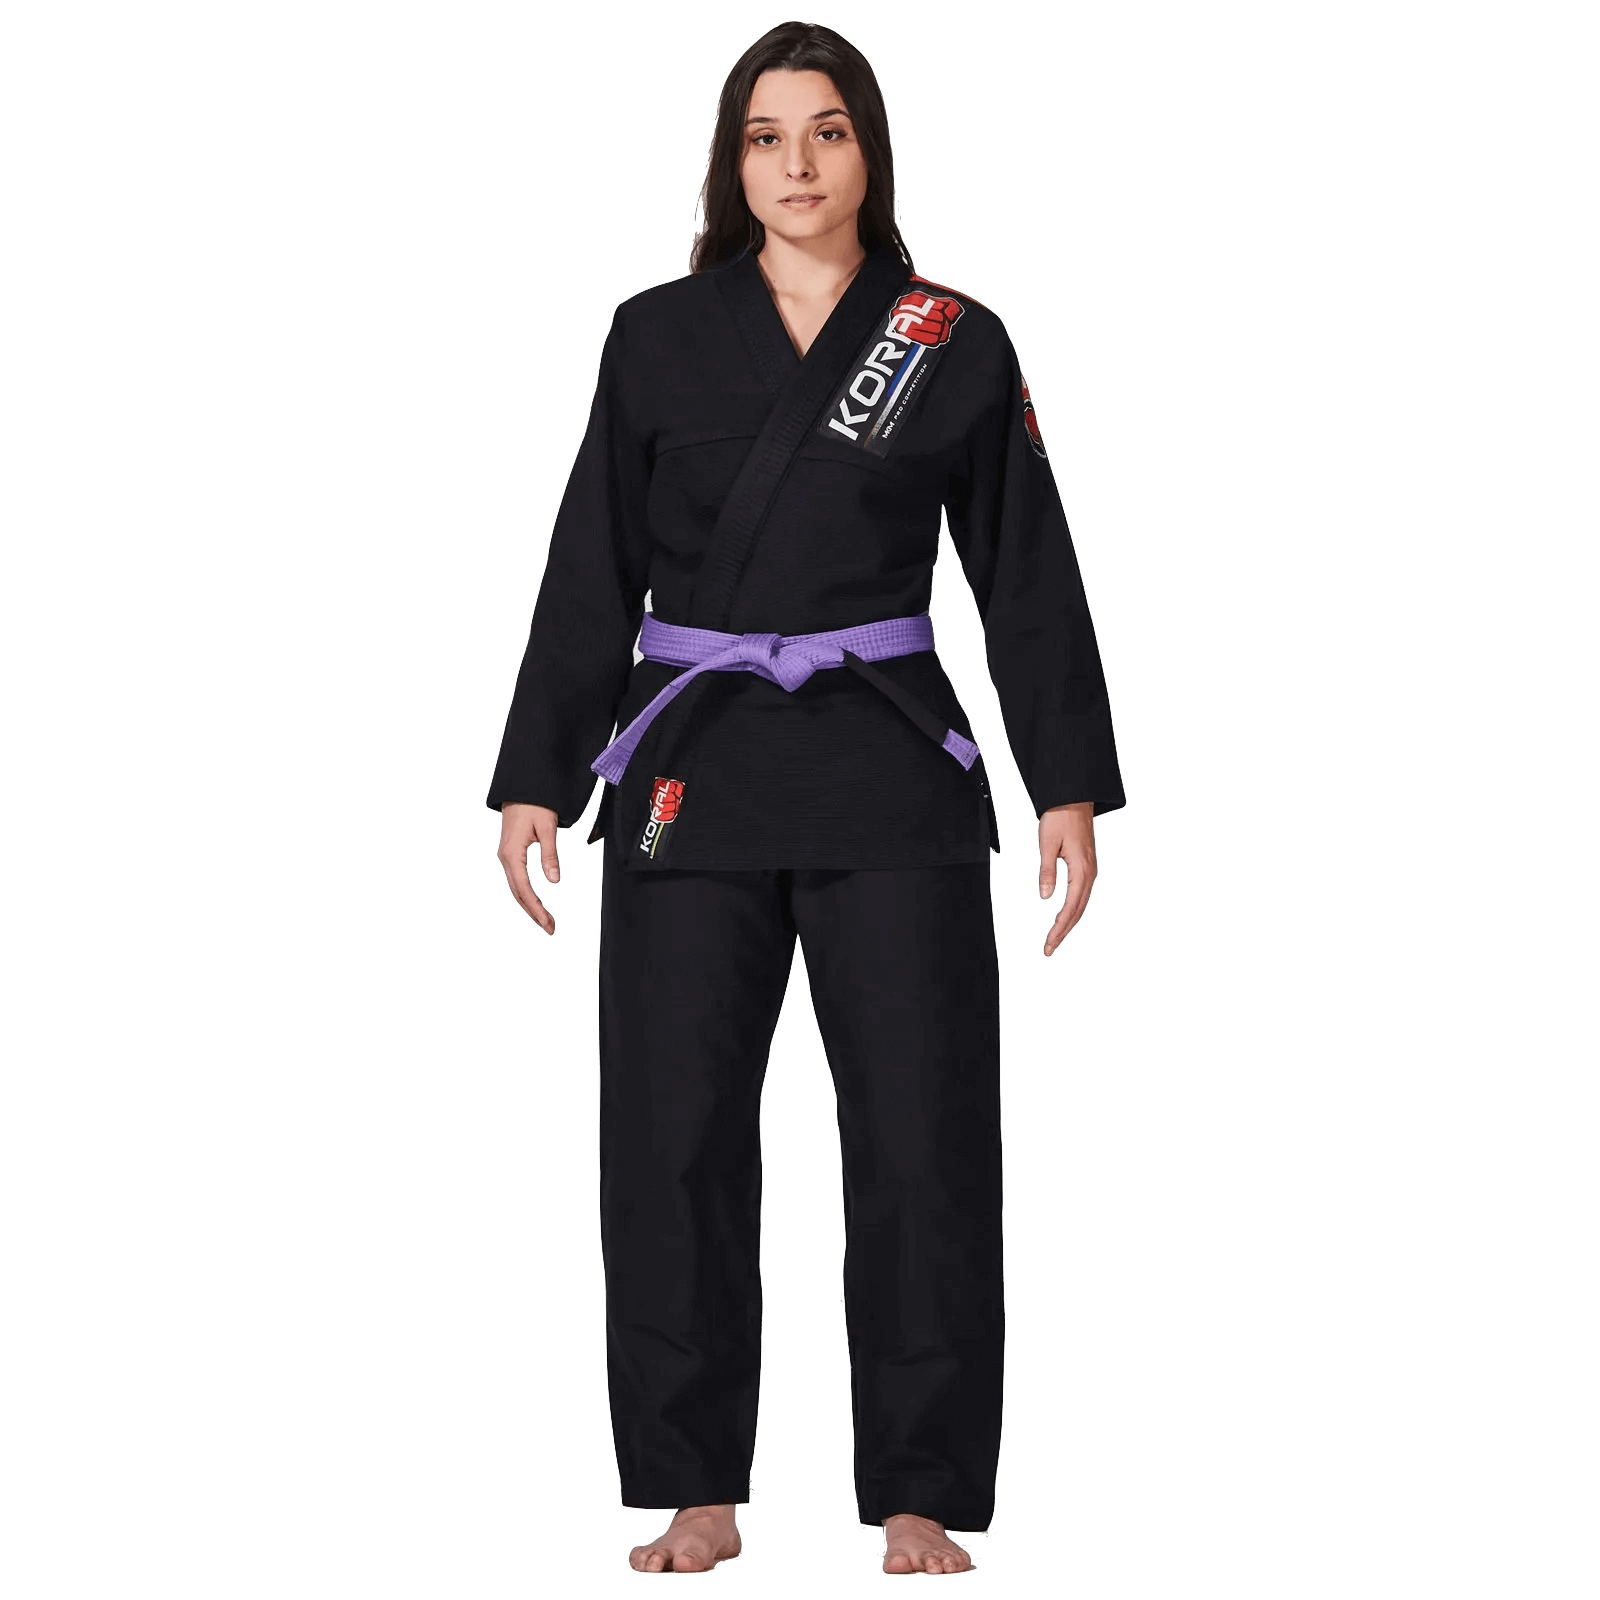 Kimono Jiu Jitsu Koral Novo MKM Harmonik Preto Feminino